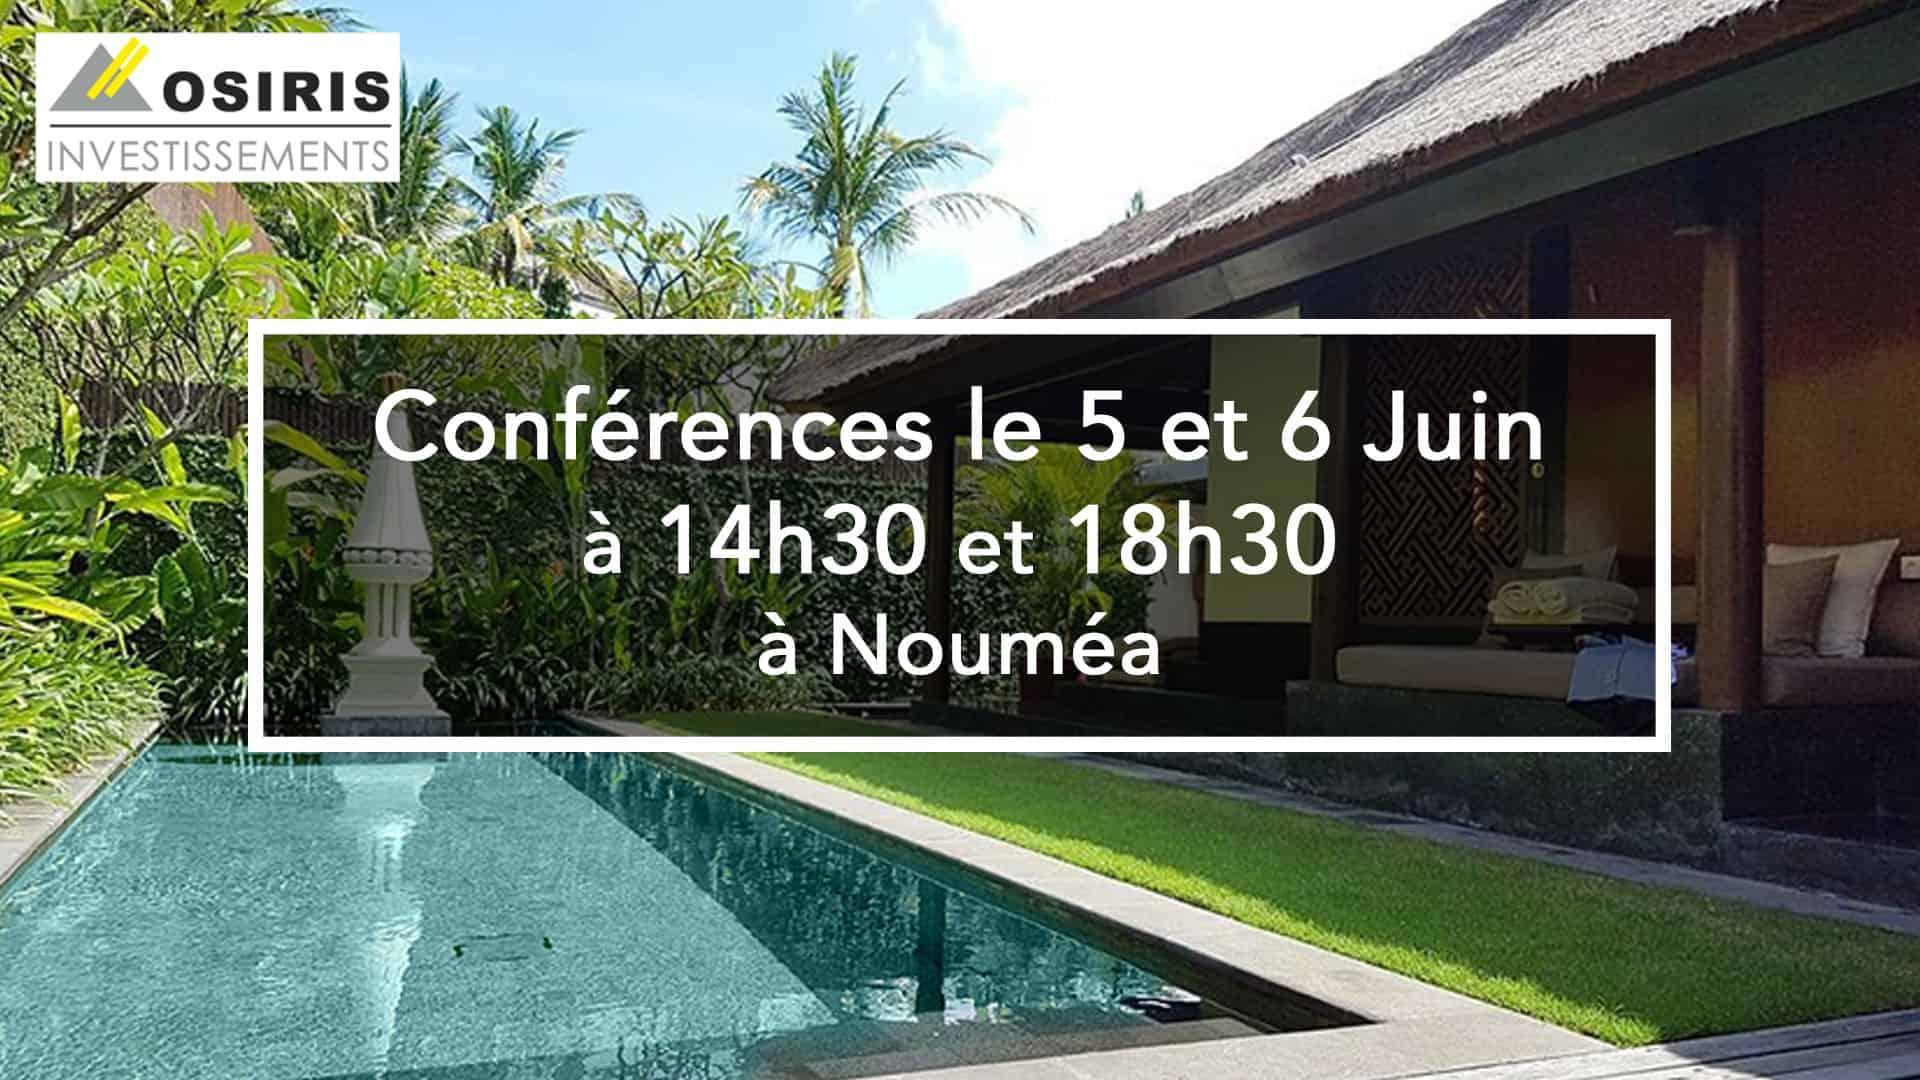 Conférences le 5 et 6 Juin à Nouméa